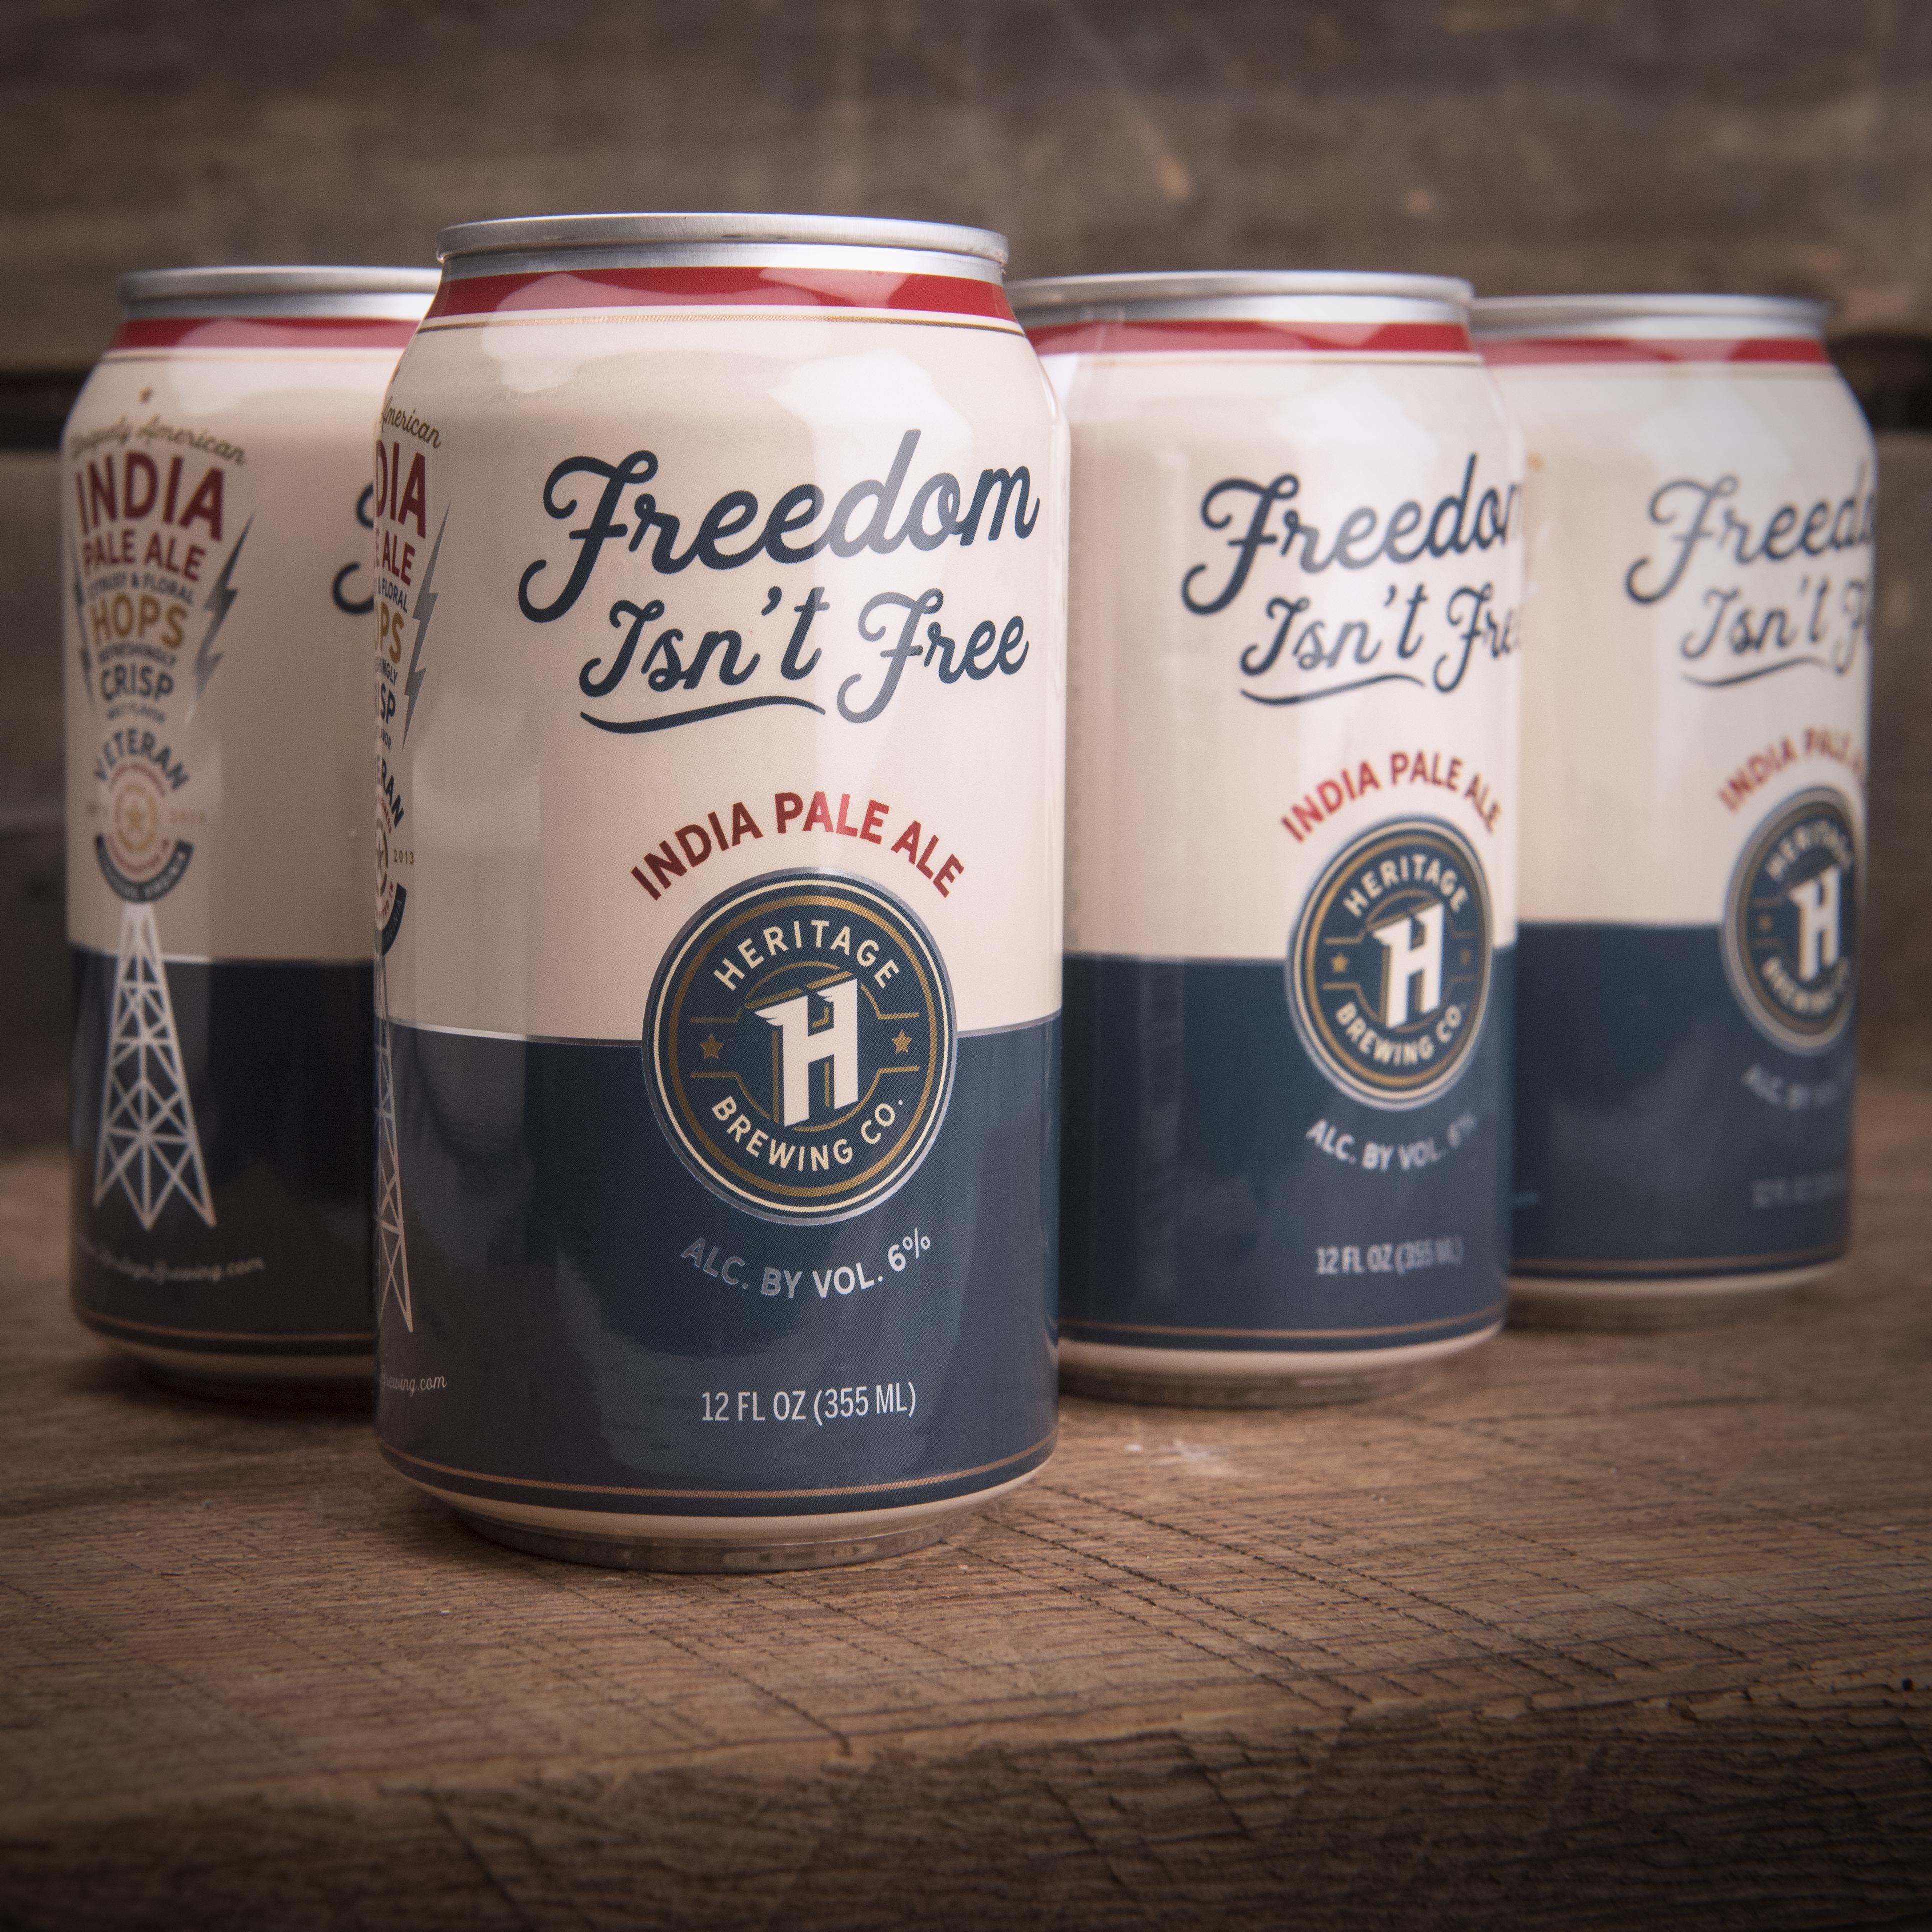 Freedom Isn't Free IPA 4